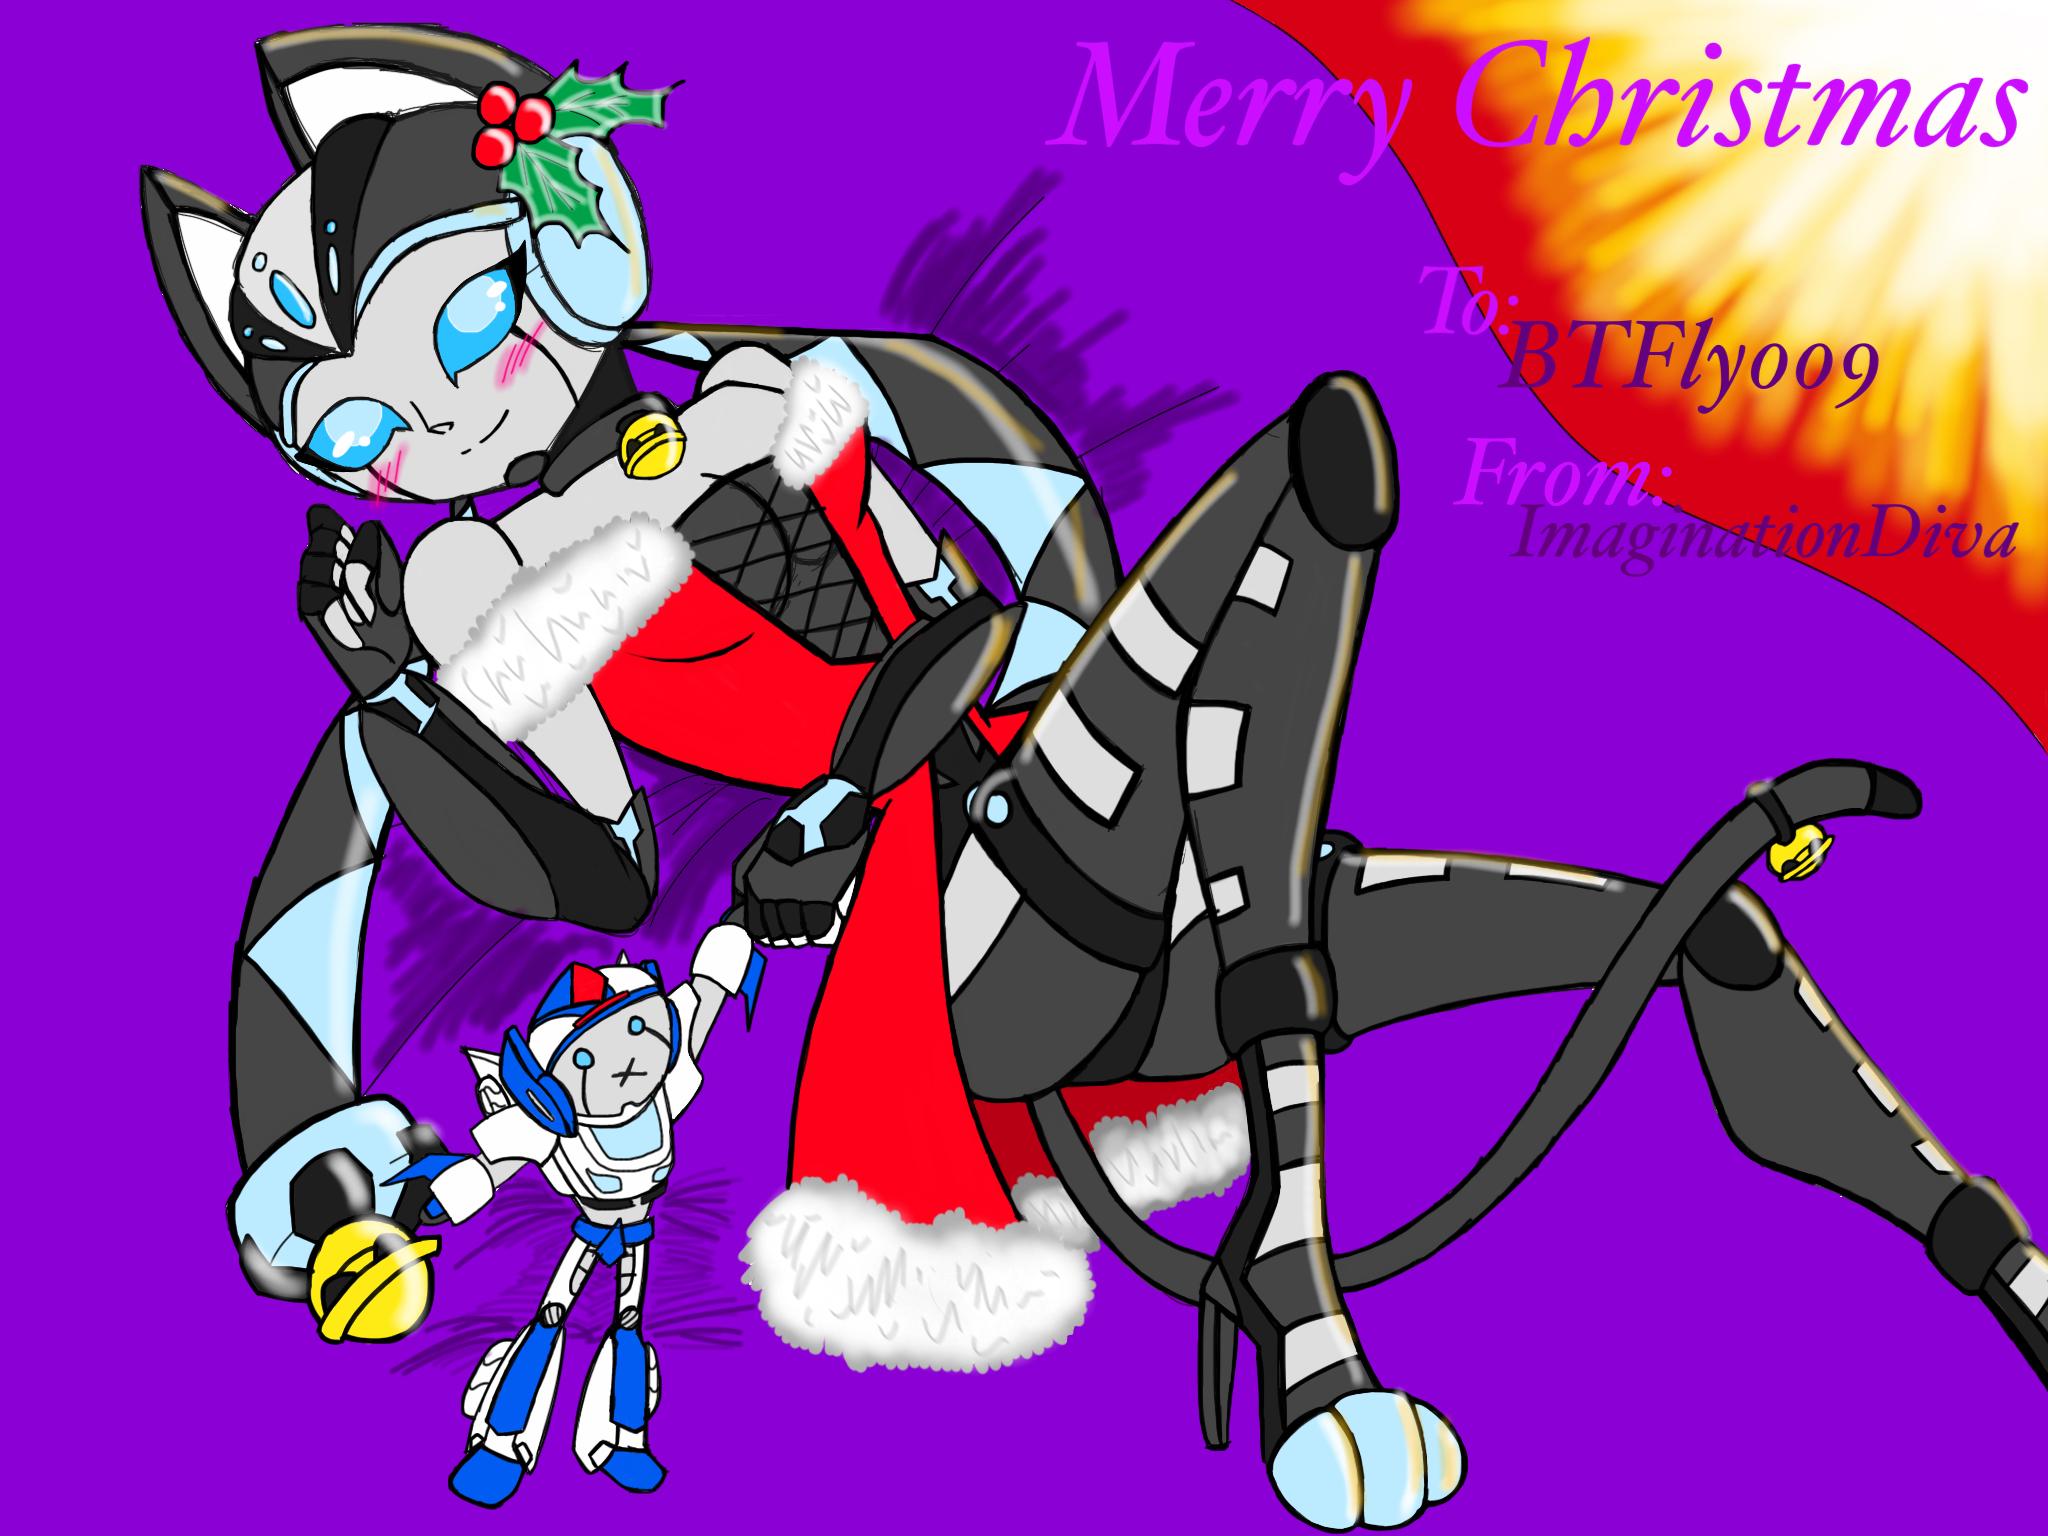 Christmas Present - BTFly009 by ImaginationDiva